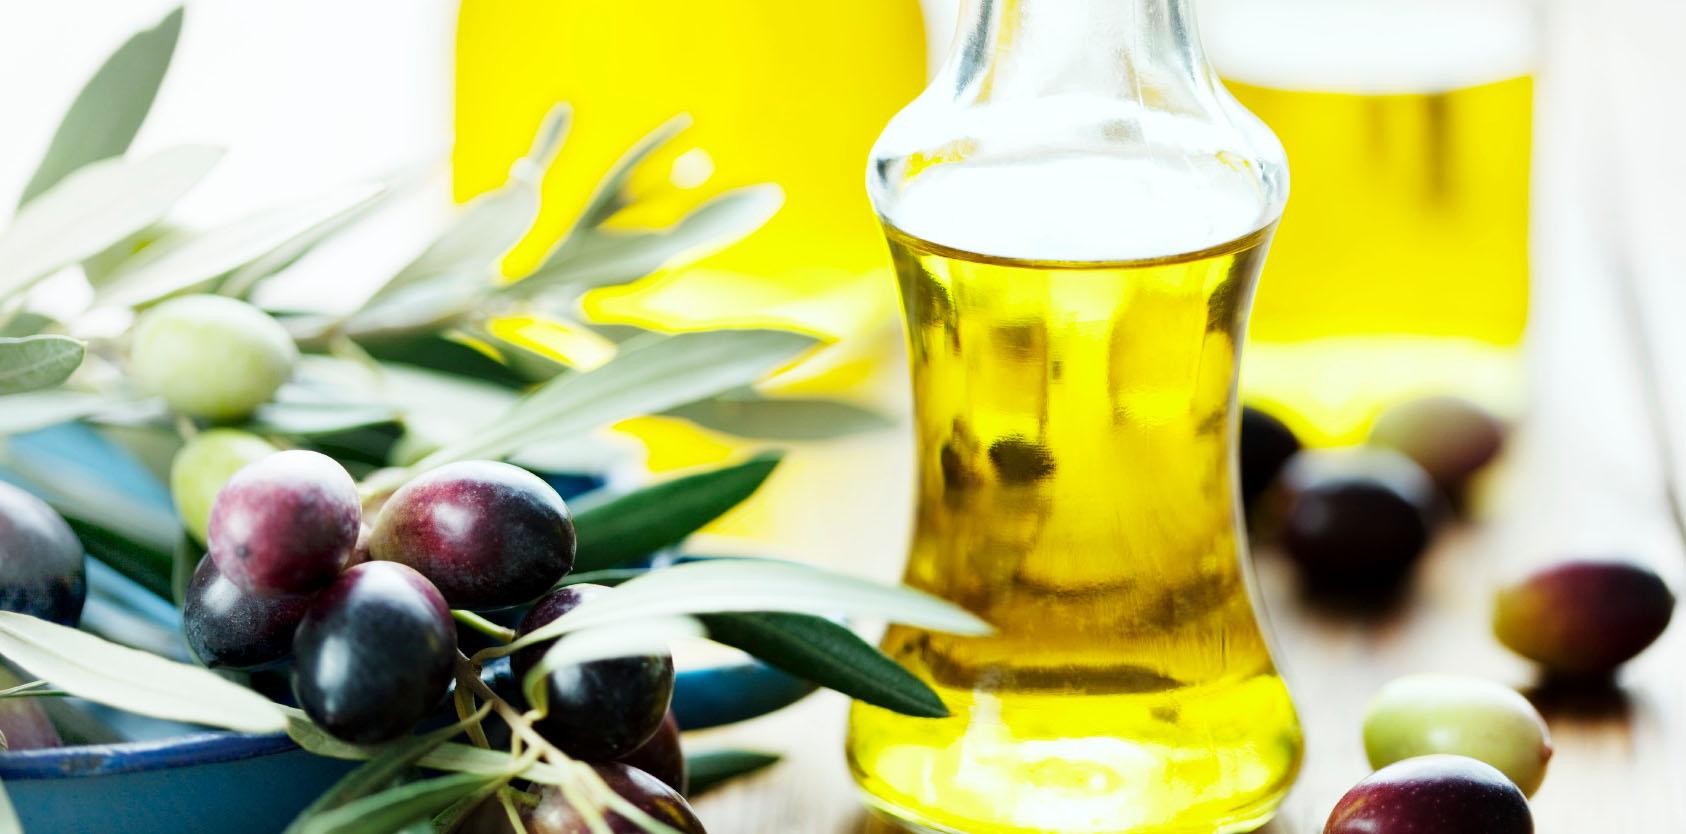 Кокосовое масло для волос кожи и здоровья 33 секрета